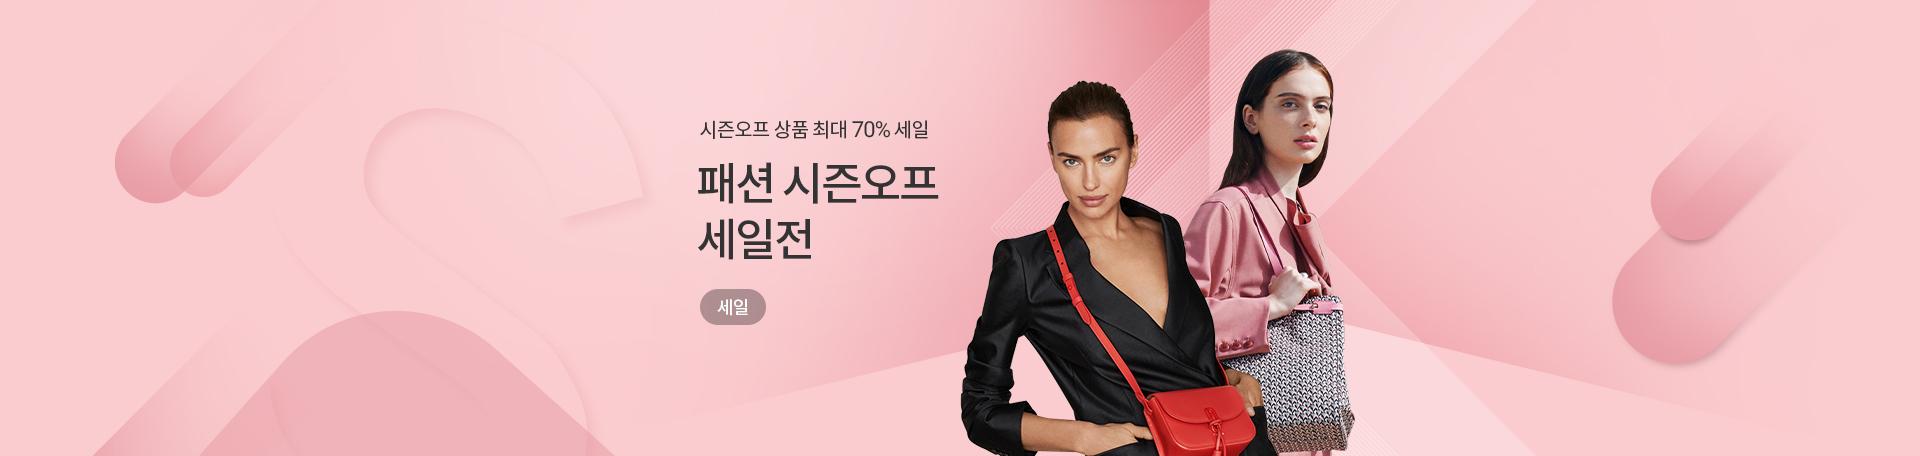 패션 연합 시즌오프 세일